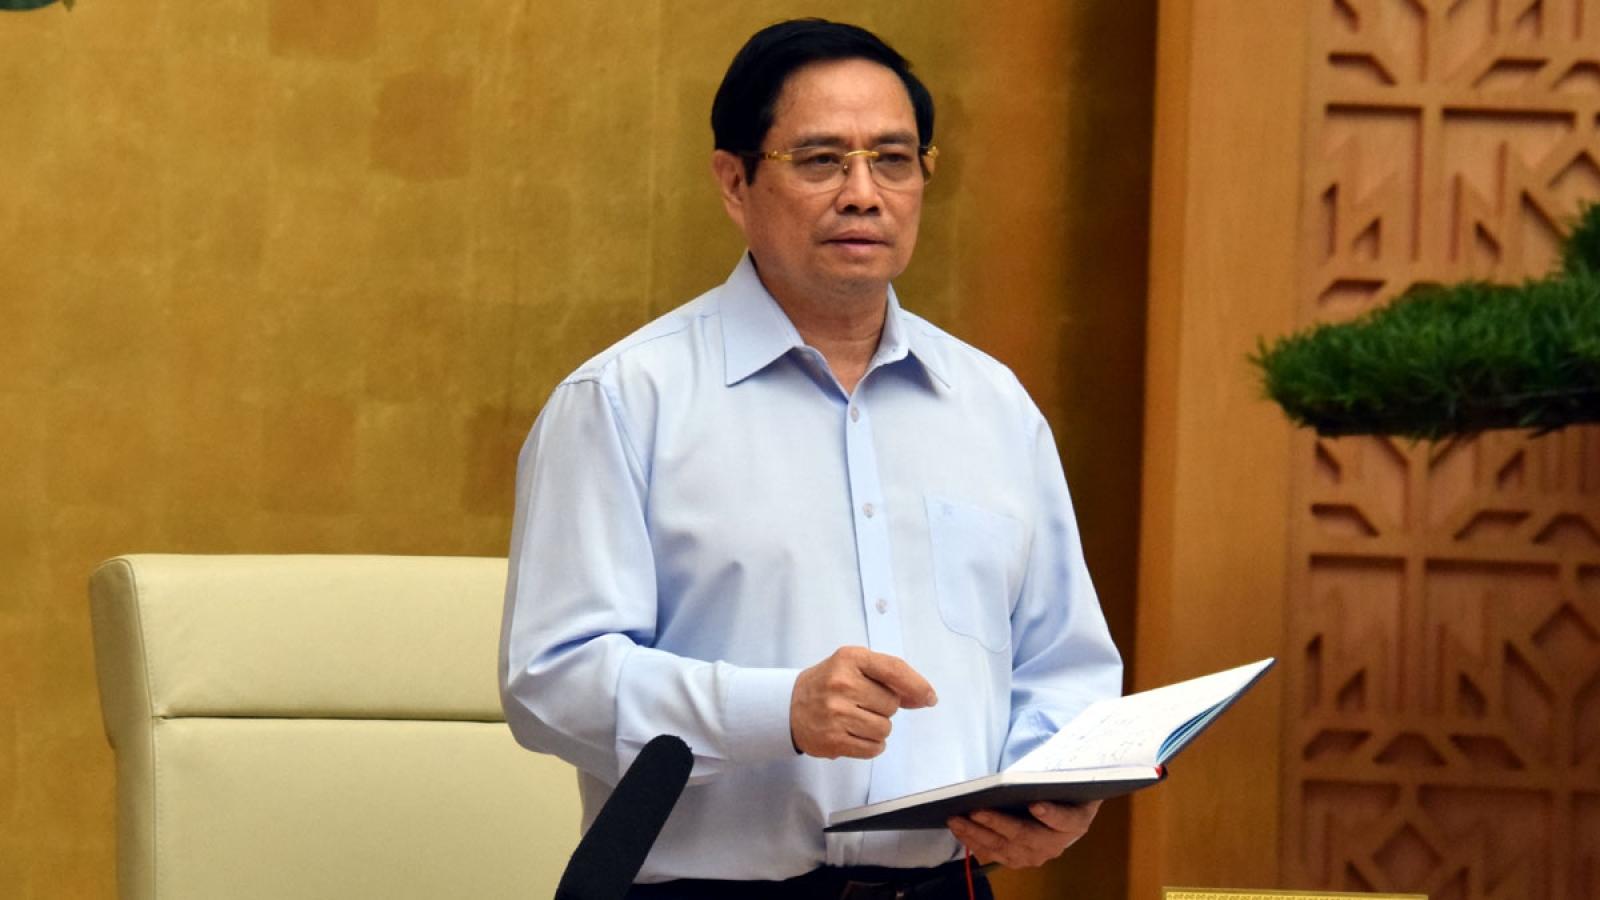 Thủ tướng: Chính phủ chia sẻ, ưu tiên và quyết tâm đẩy lùi dịch bệnh ở phía Nam